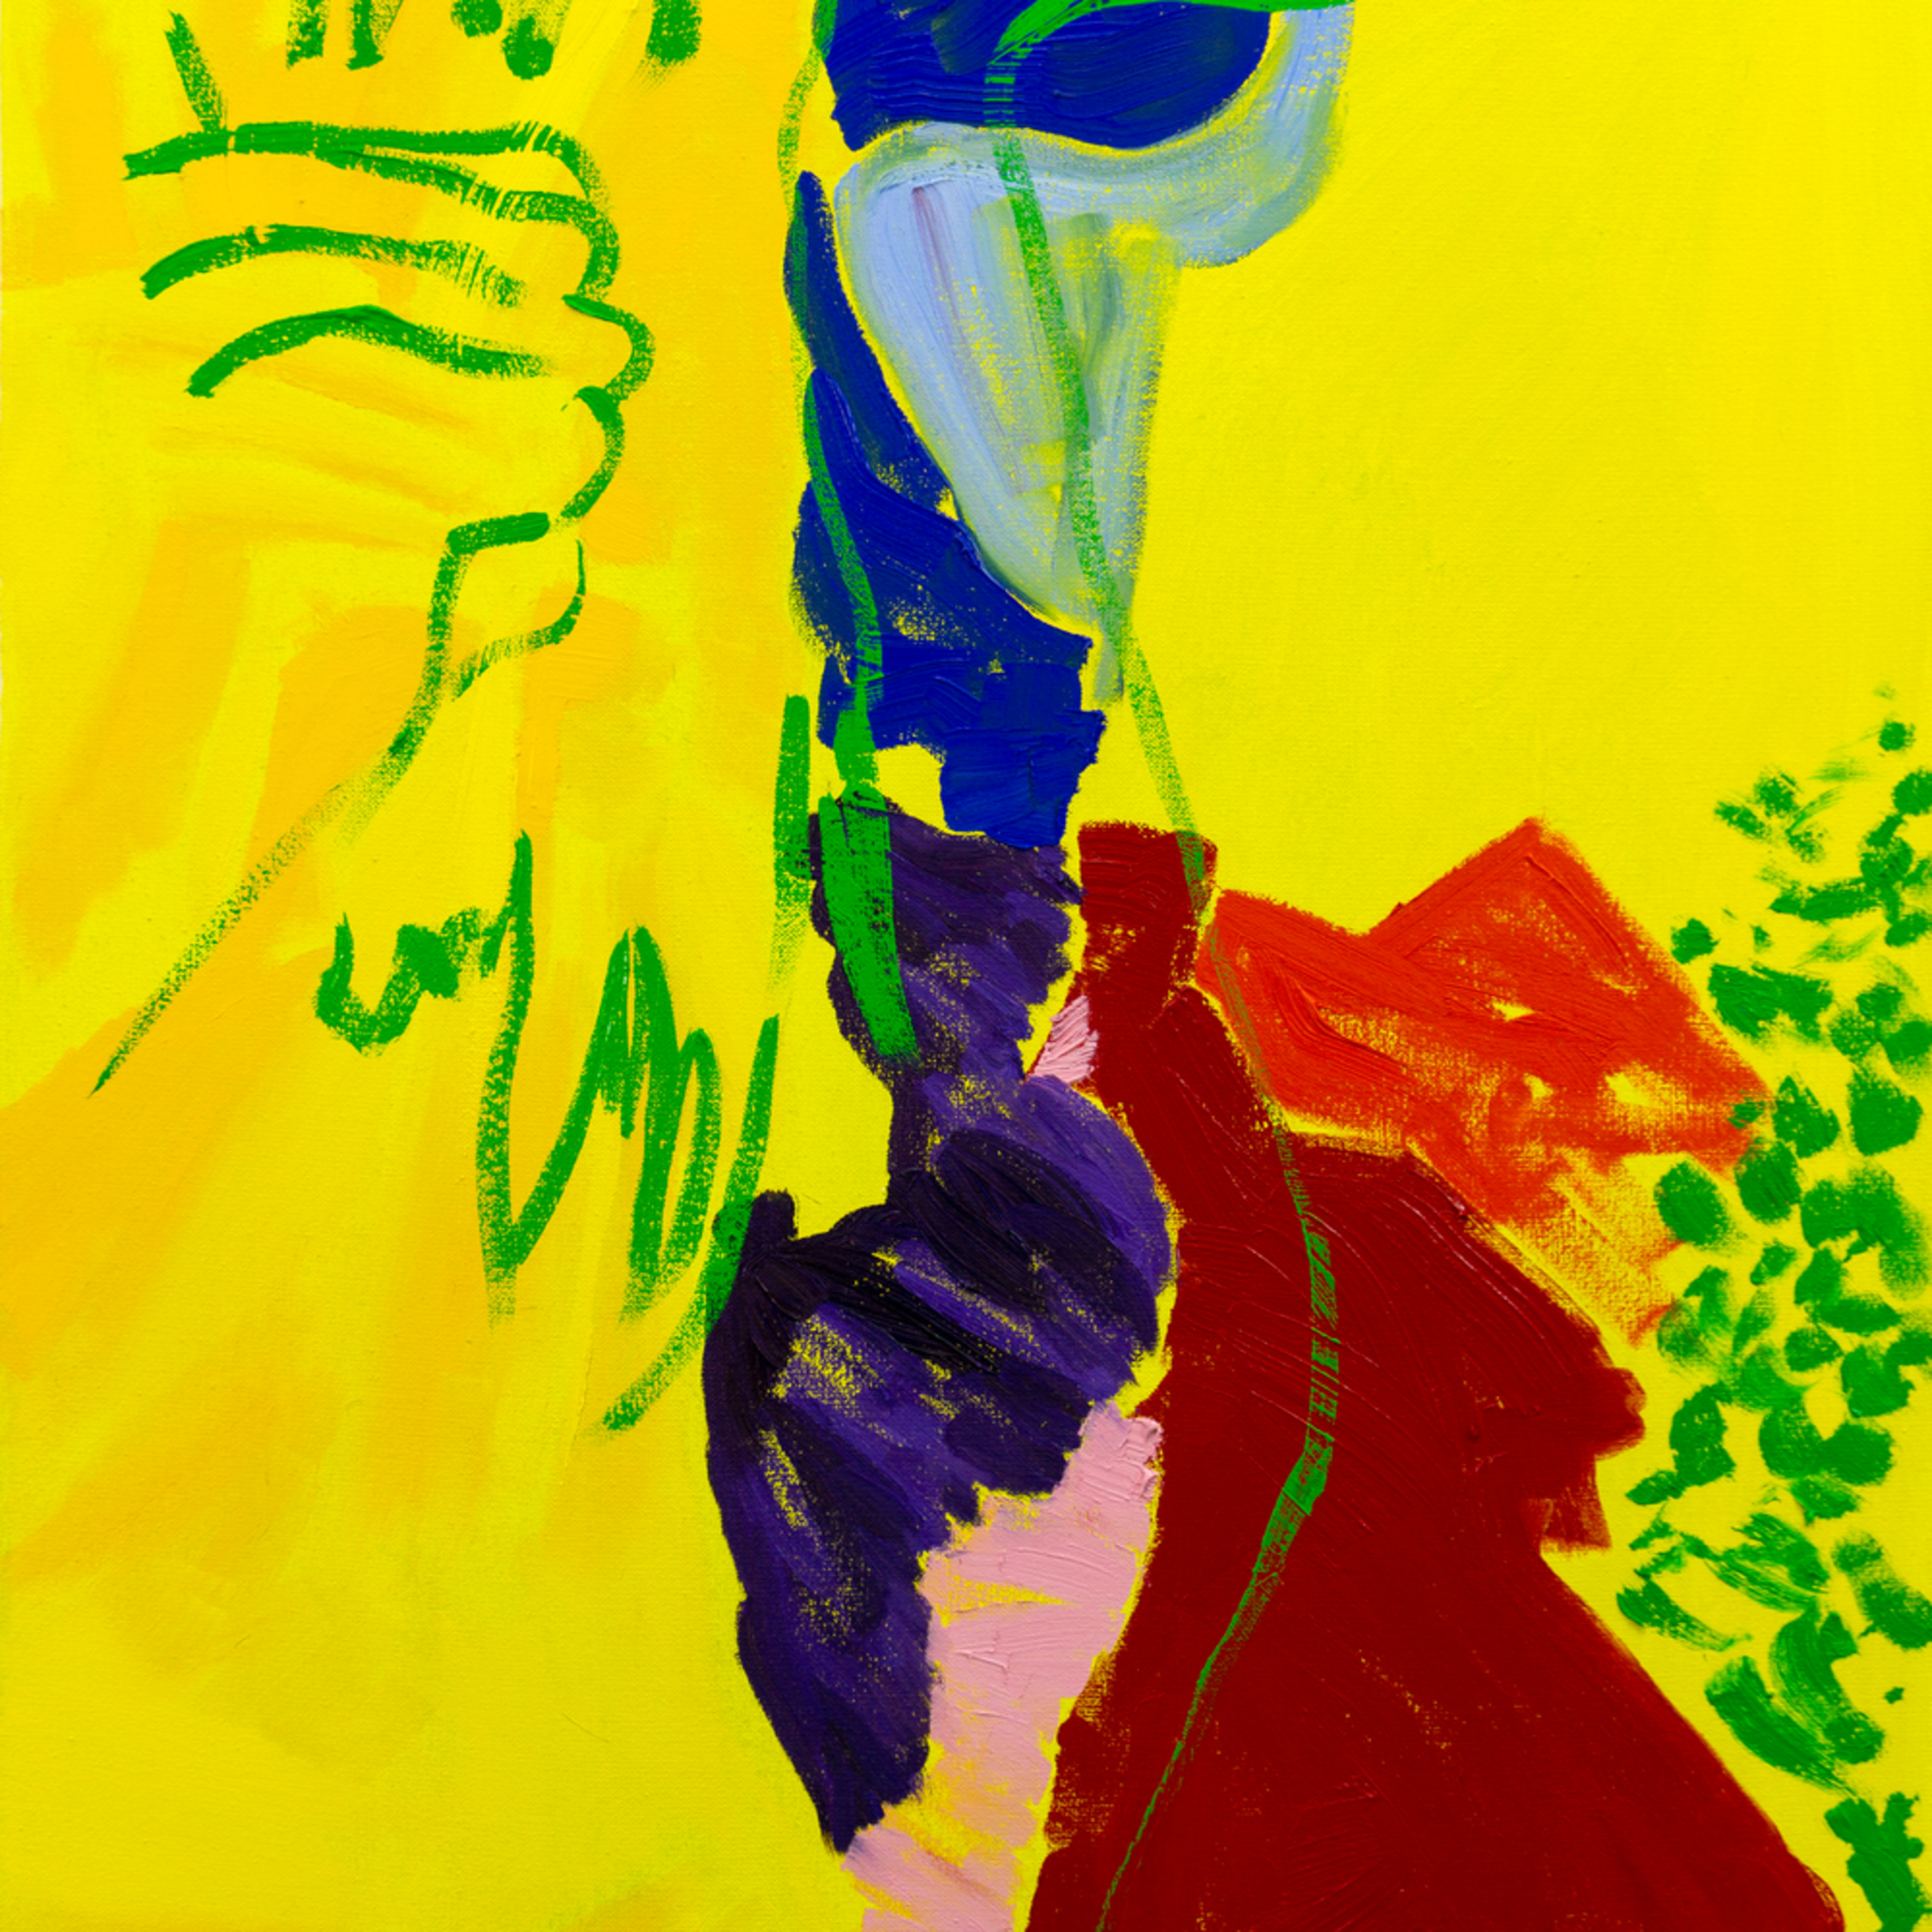 Stuart bush 2020 the edge of the puzzle oil on canvas 51 x 71.2 x 5 cm d5ffte